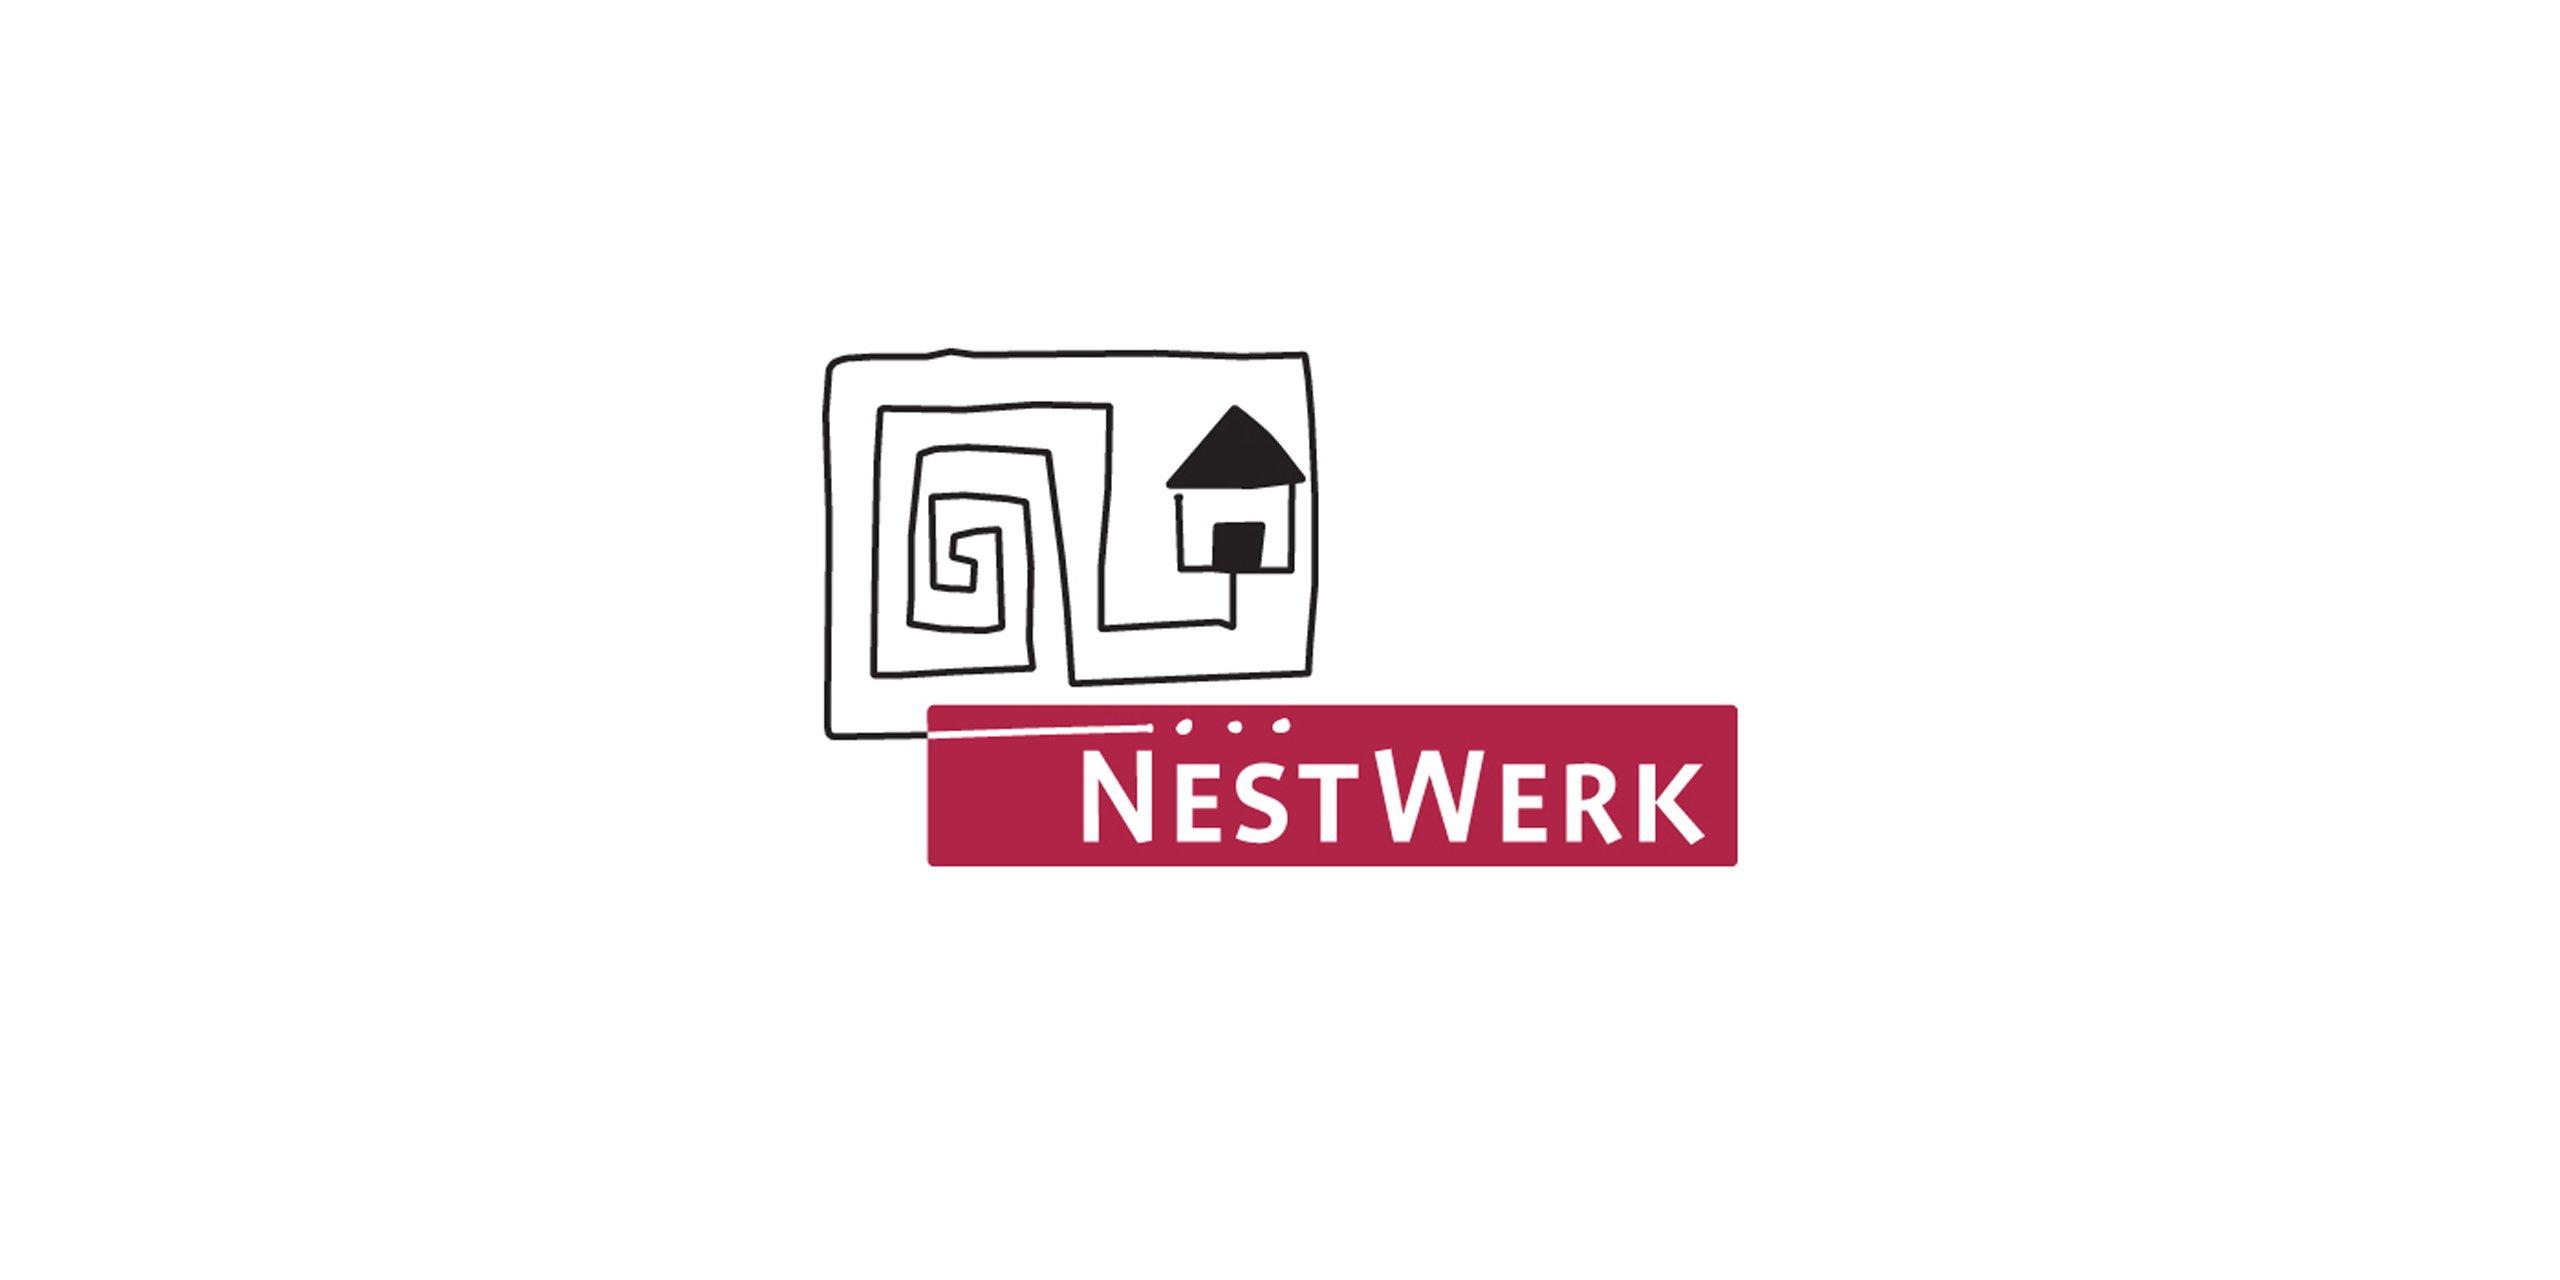 Kernspinzentrum - Hamburg Eppendorf - Praxis - Nestwerk